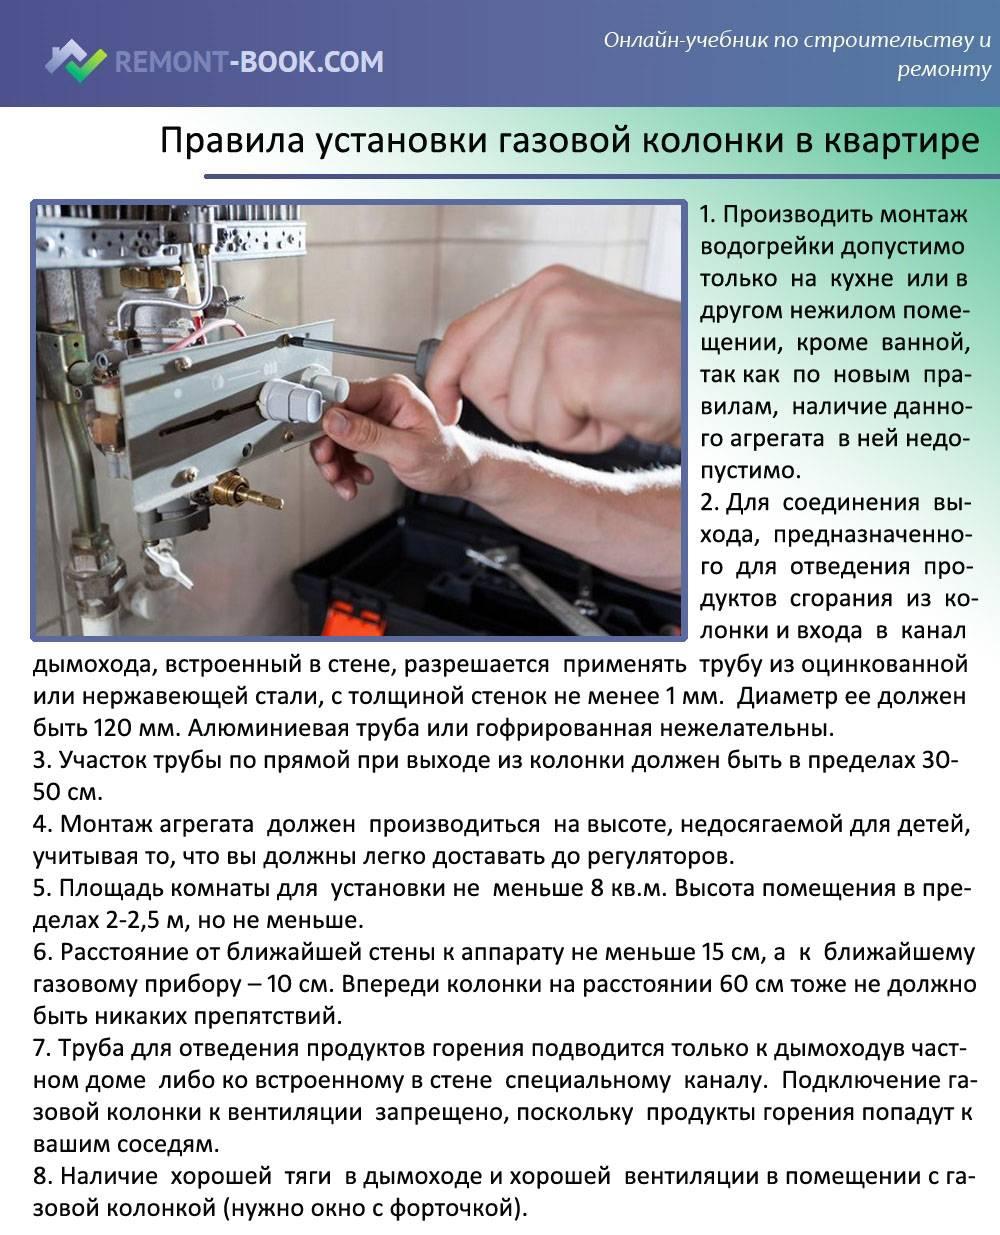 Установка газовой колонки своими руками — нормы и разрешения